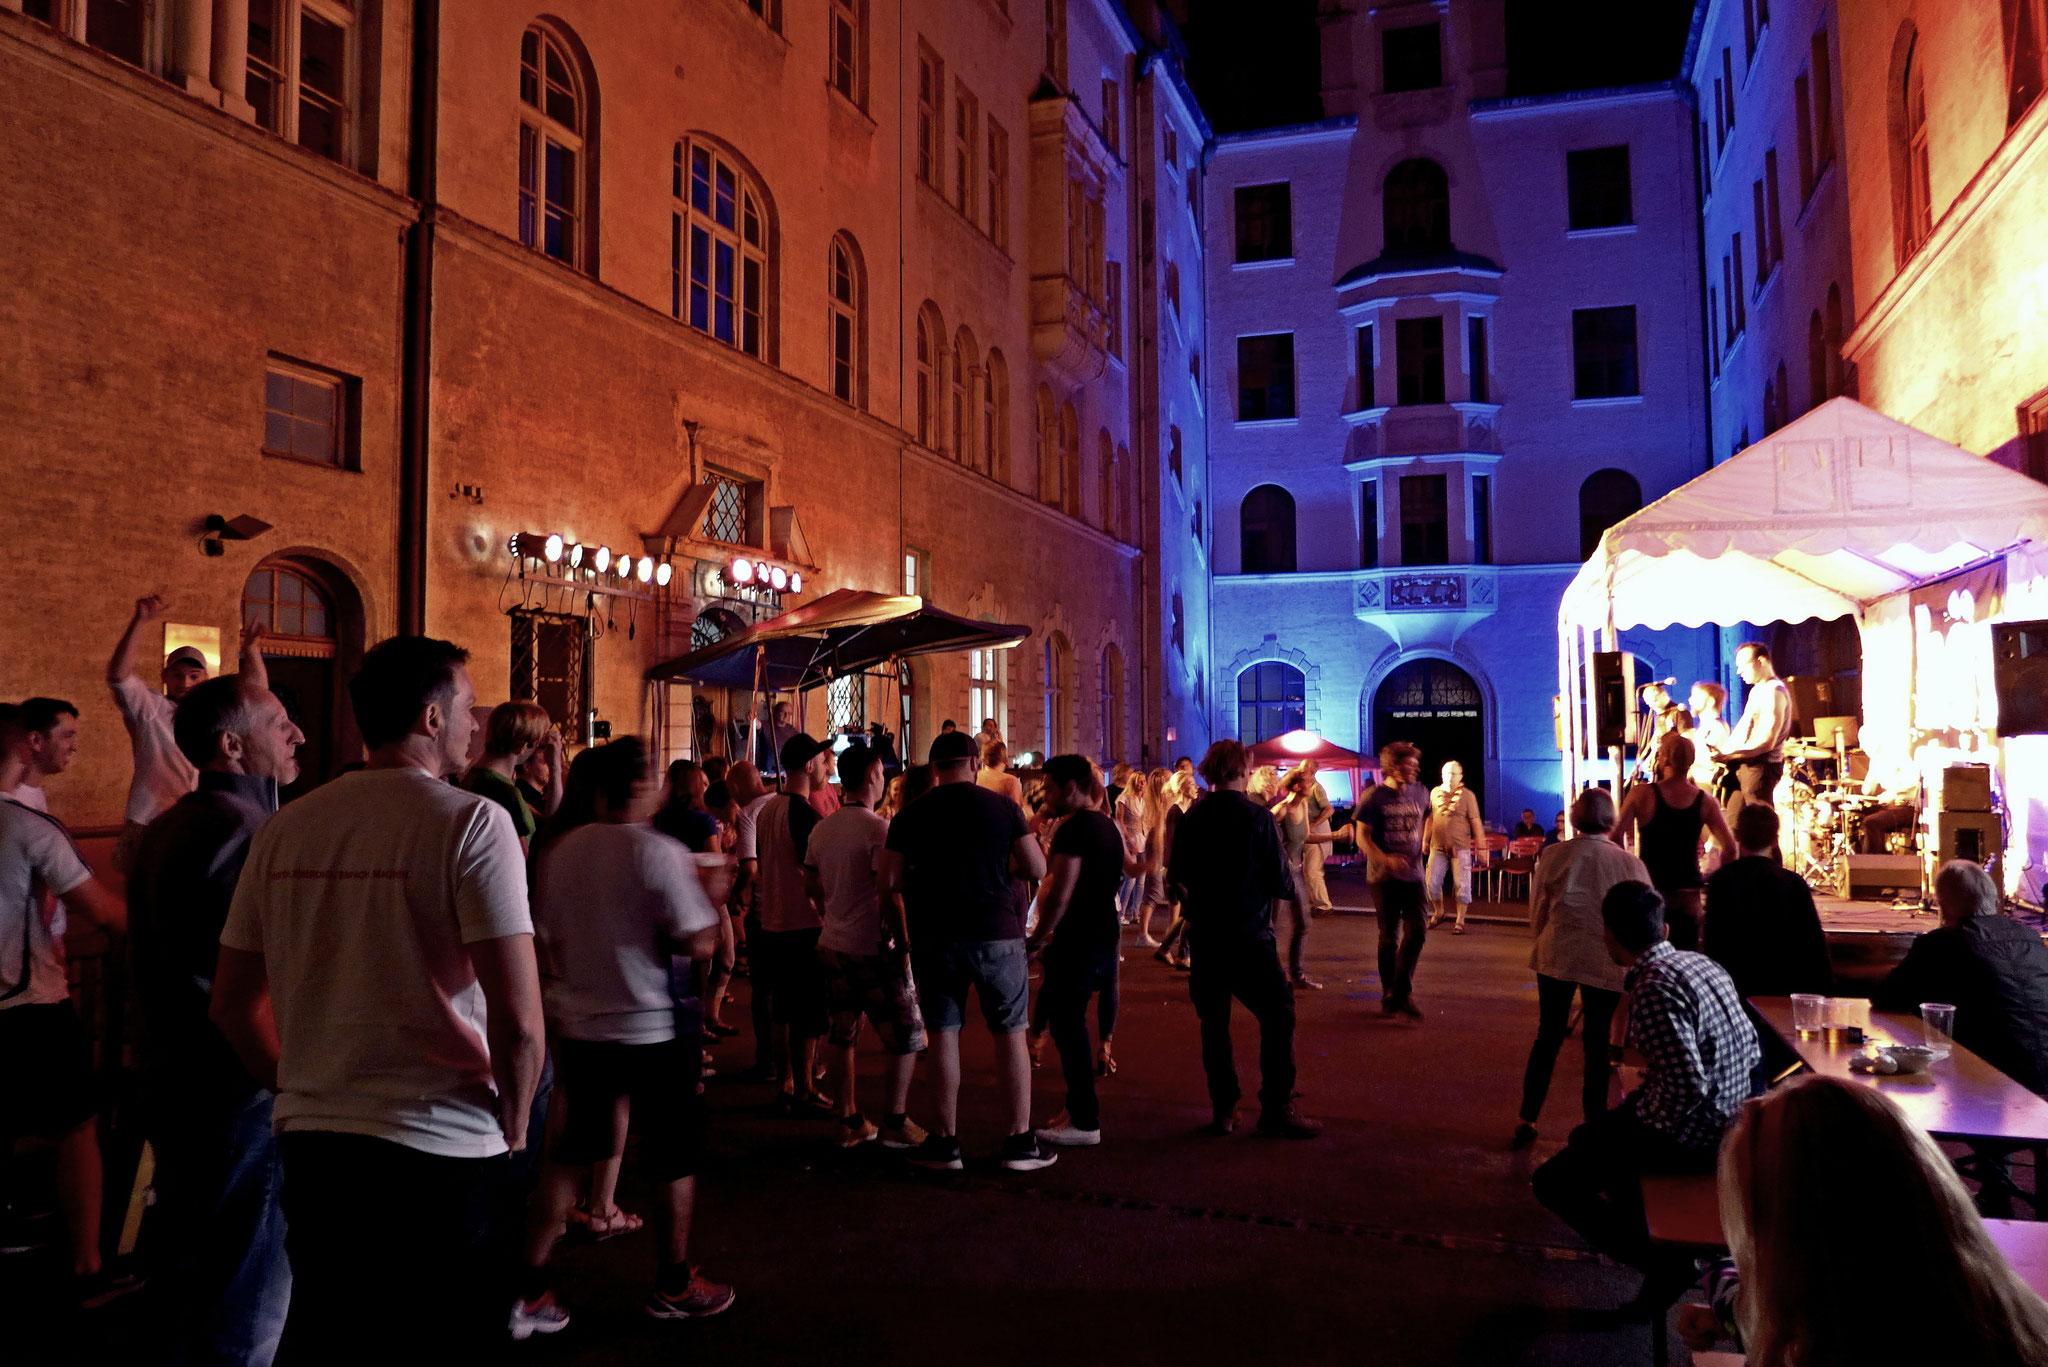 Konzerte im Bürgerhof 07.07.16 - Freiwilligen-Zentrum Augsburg - Foto: Christoph Urban